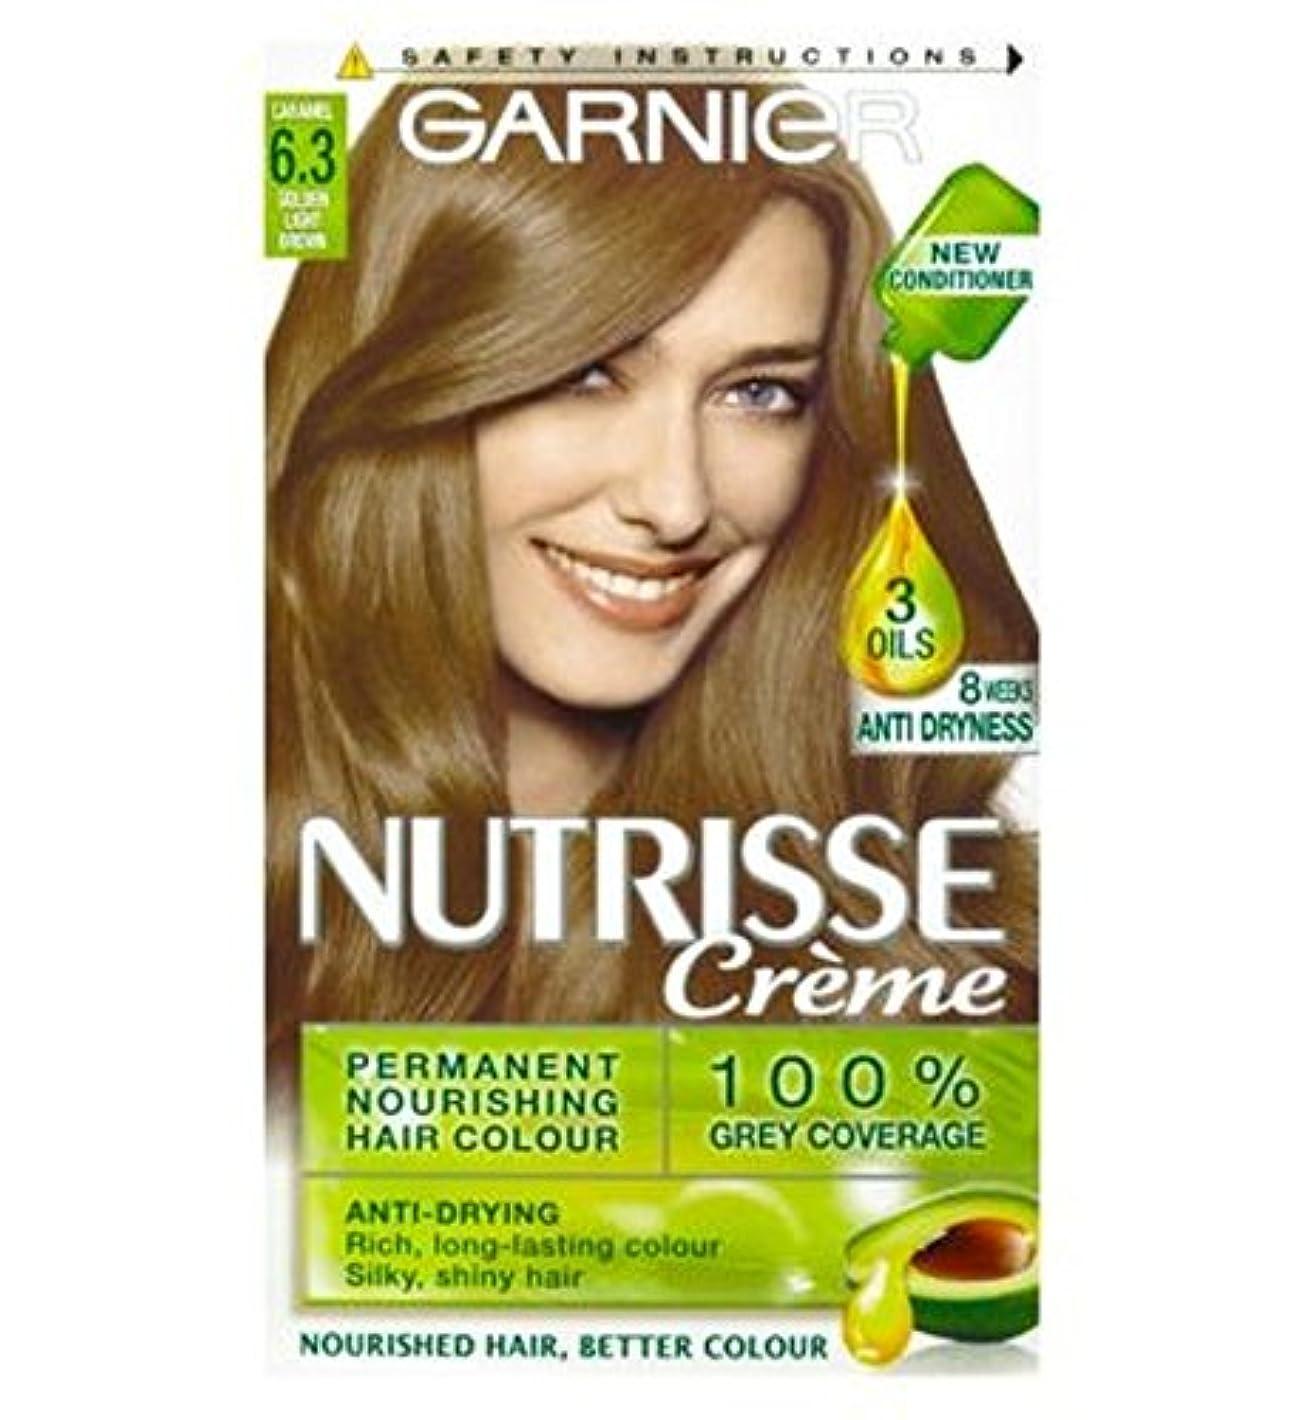 野望泥男らしさGarnier Nutrisse Cr?me Permanent Hair Colour 6.3 Caramel Light Brown - ガルニエNutrisseクリームパーマネントヘアカラー6.3キャラメルライトブラウン (Garnier) [並行輸入品]